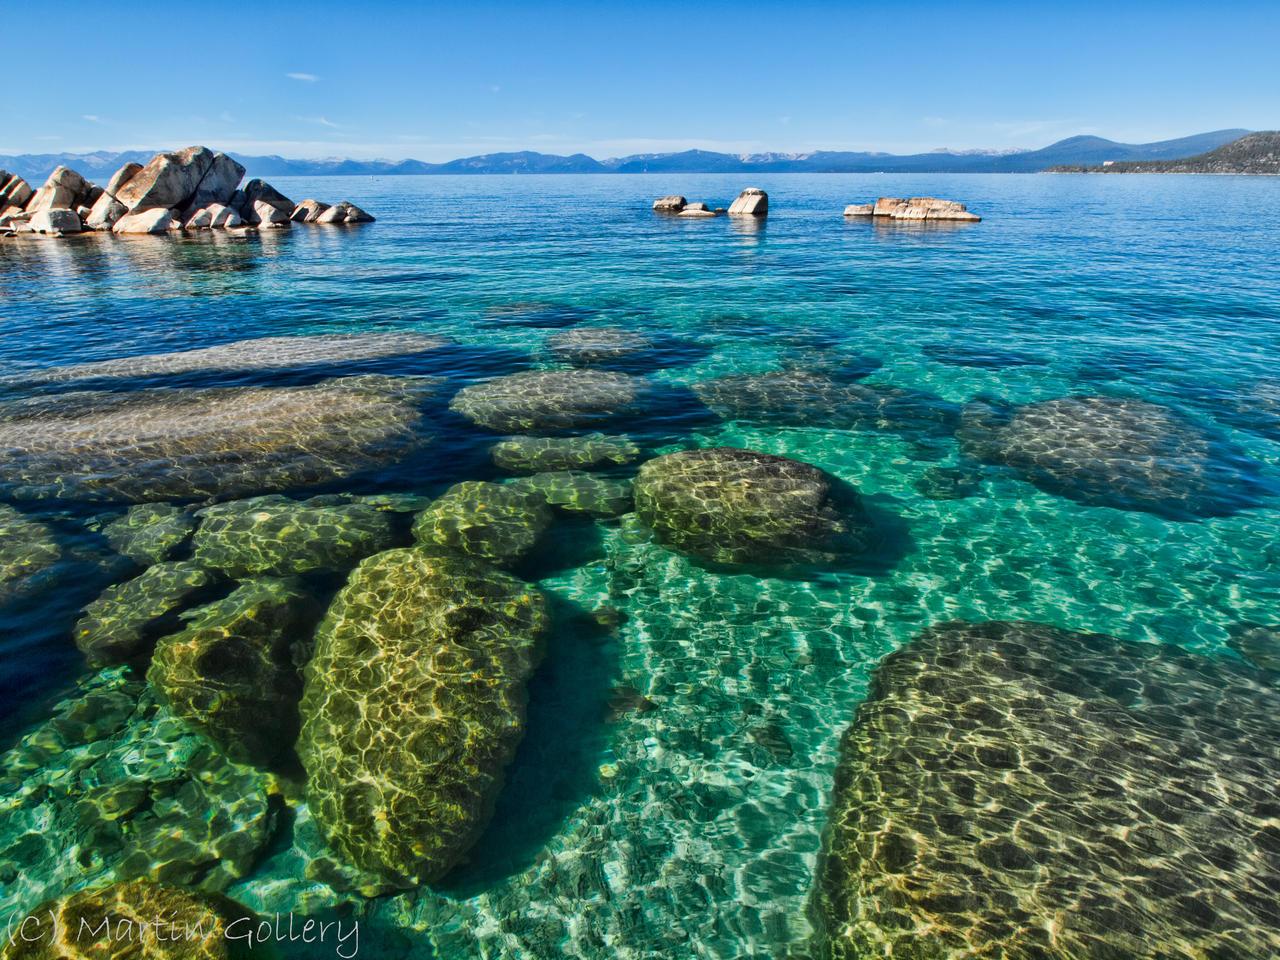 Underwater Ocean RocksUnderwater Ocean Rocks